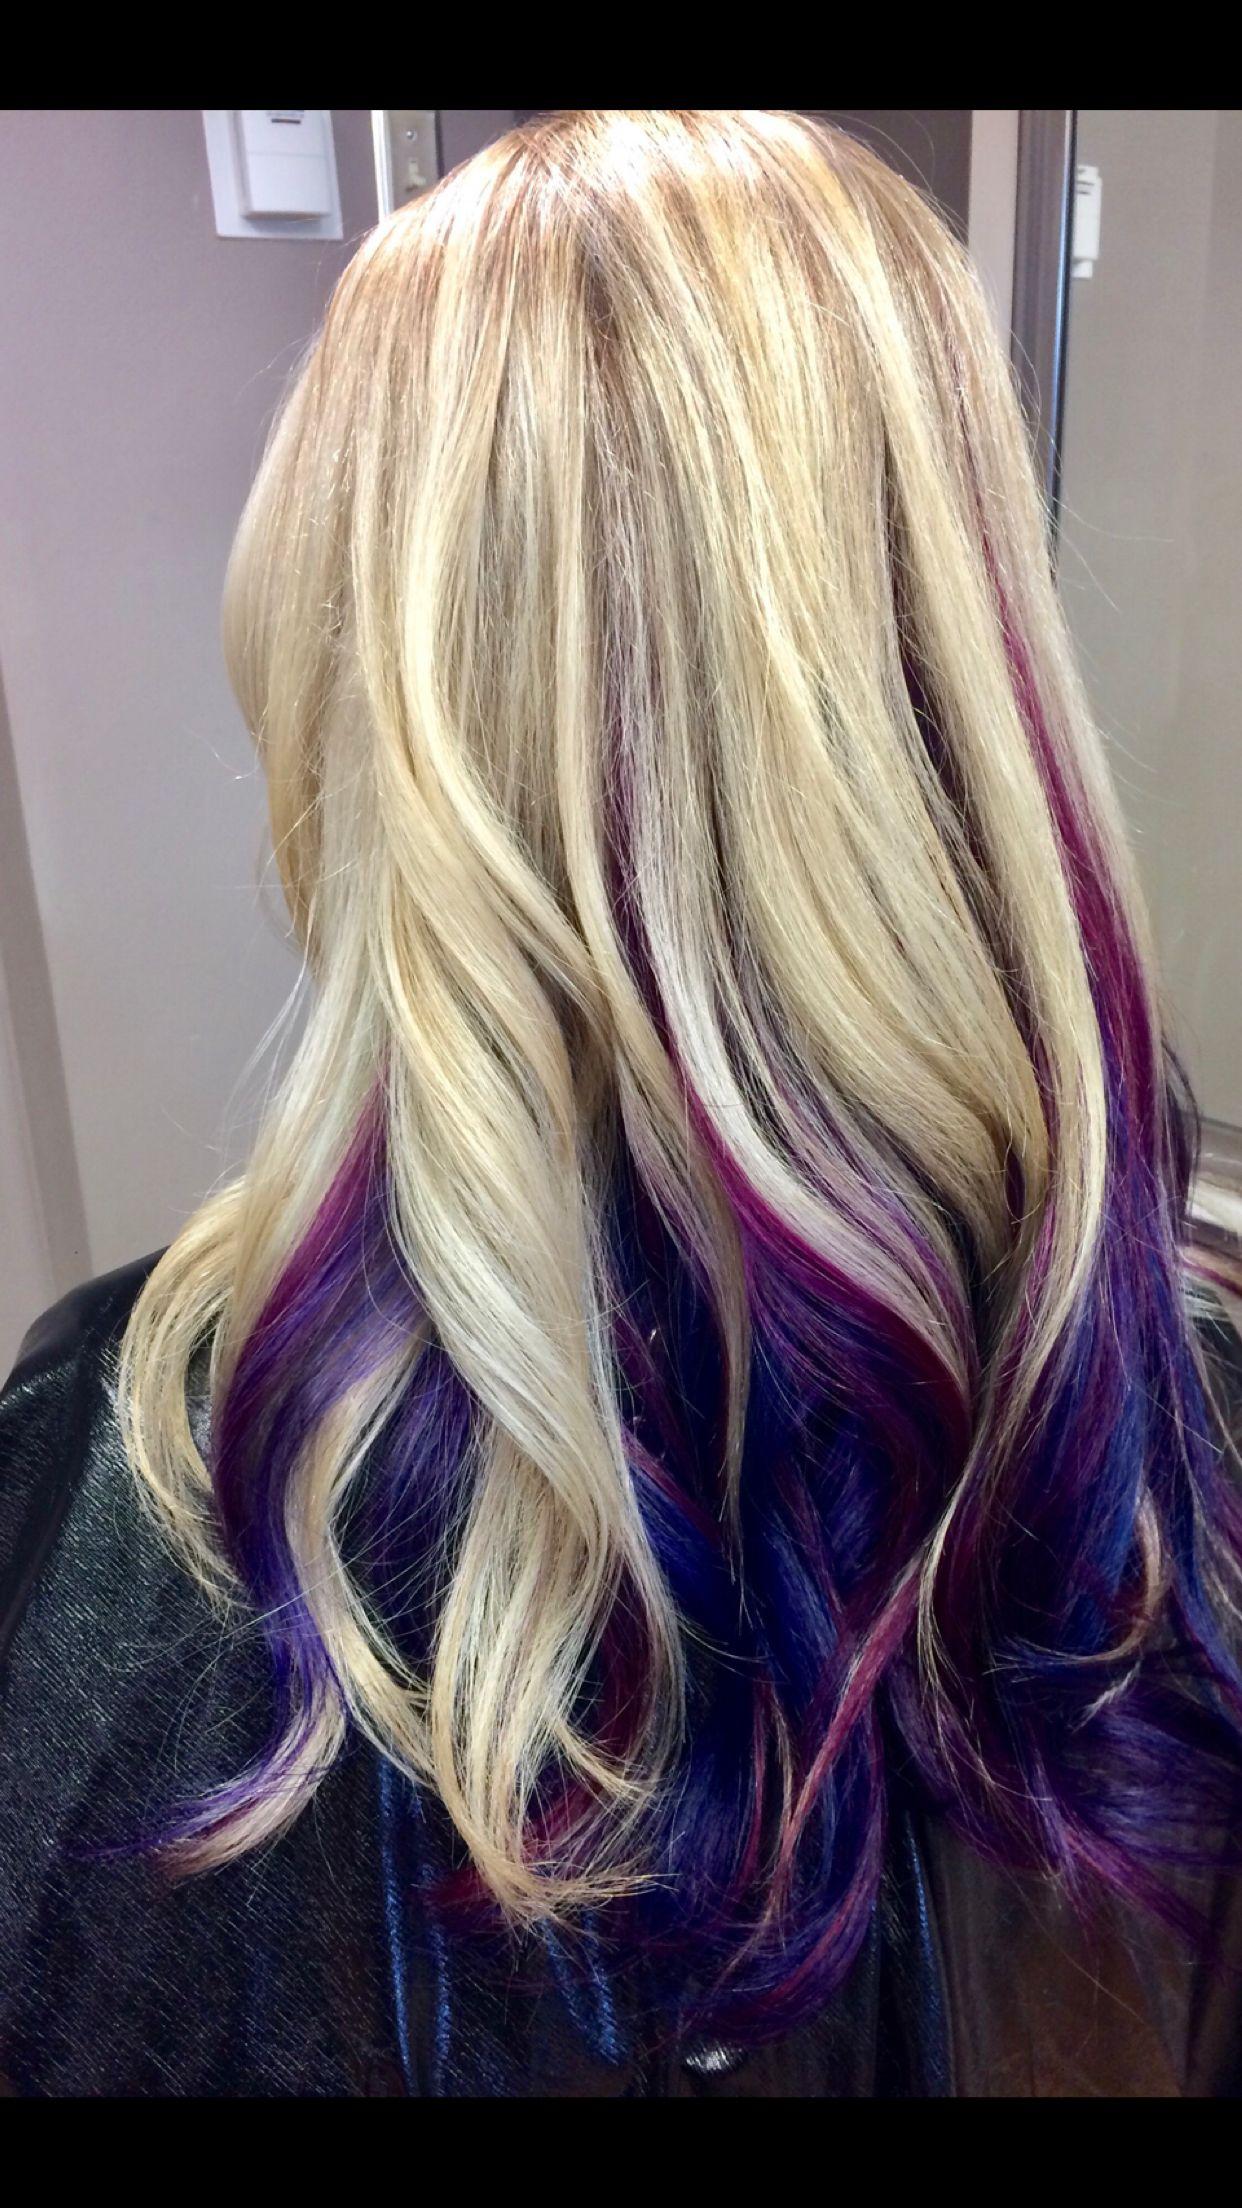 Peekaboo Highlights Blonde Hair Pink Streaks Purple Streaks Blue Streaks Mermaid Hair Unicorn Hair Blonde Hair With Highlights Pink Blonde Hair Hair Color Blue